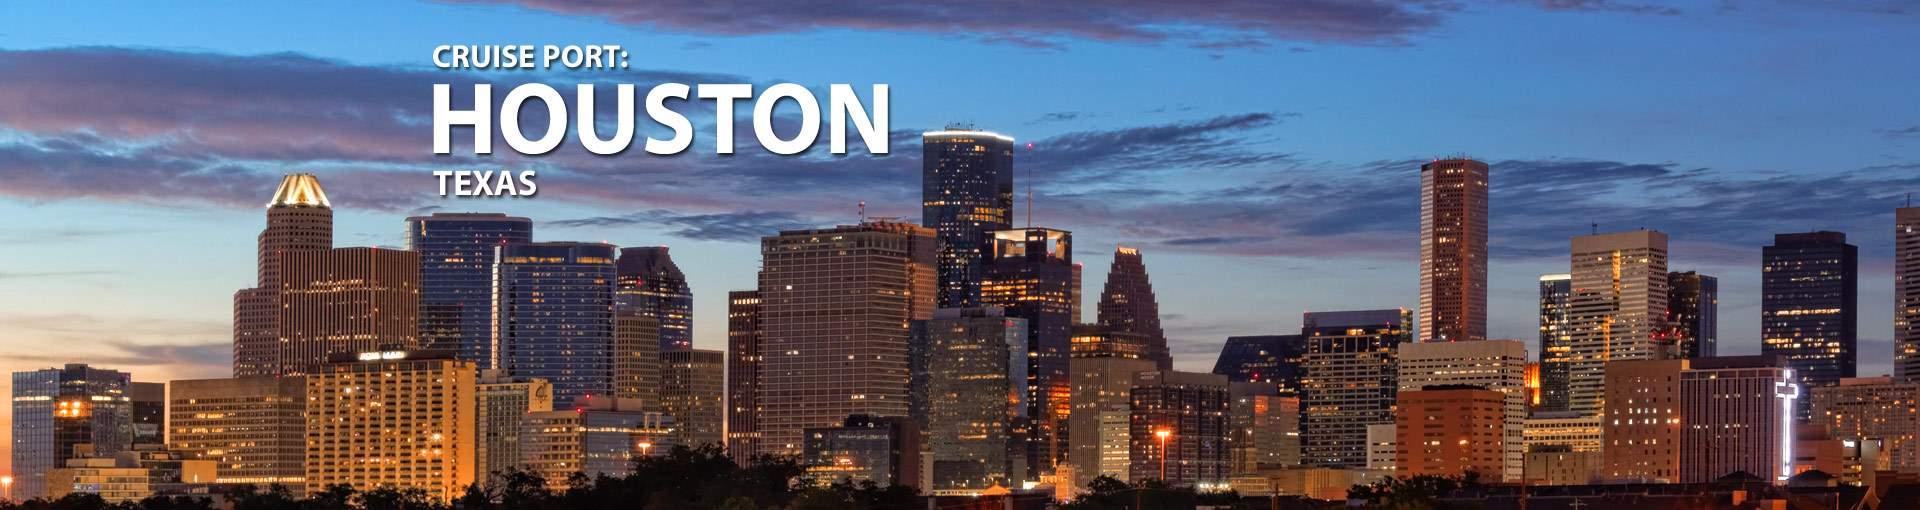 Cruise Port: Houston, Texas